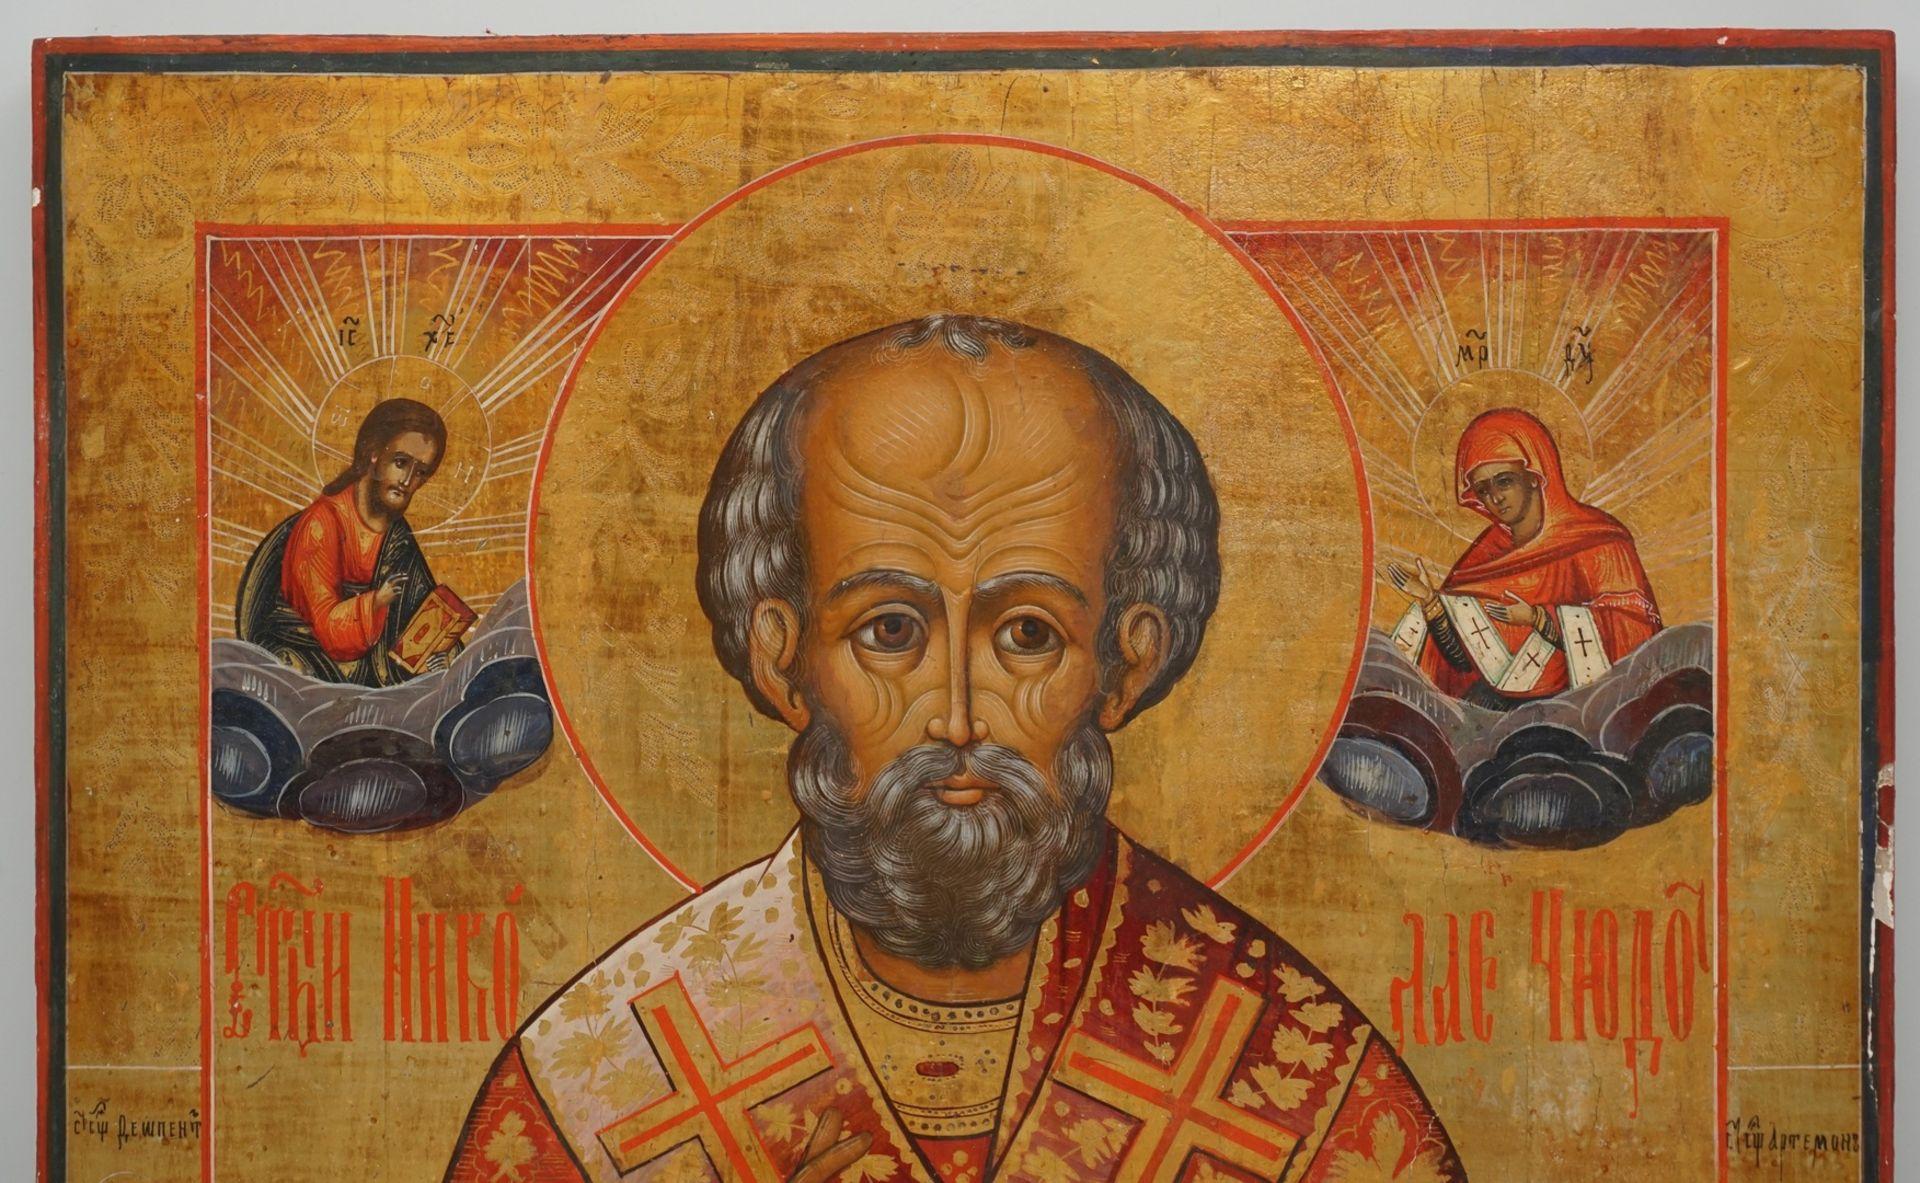 Ikone des Heiligen Nikolaus, Russland, 19. Jh. - Bild 4 aus 5